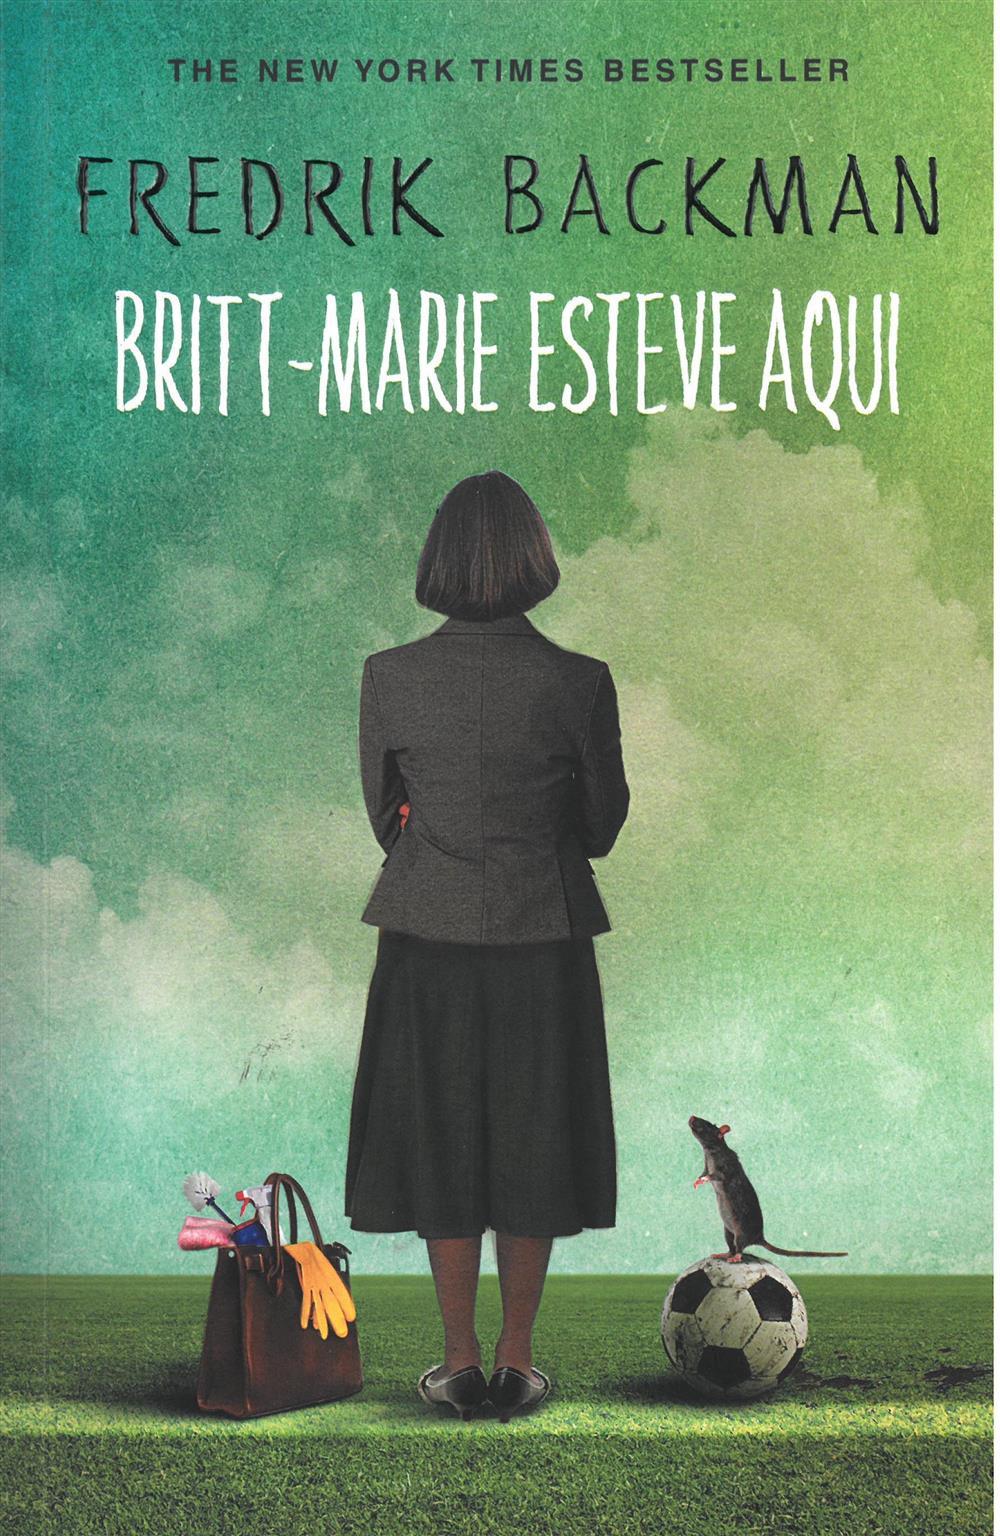 Britt-Marie esteve aqui.jpg